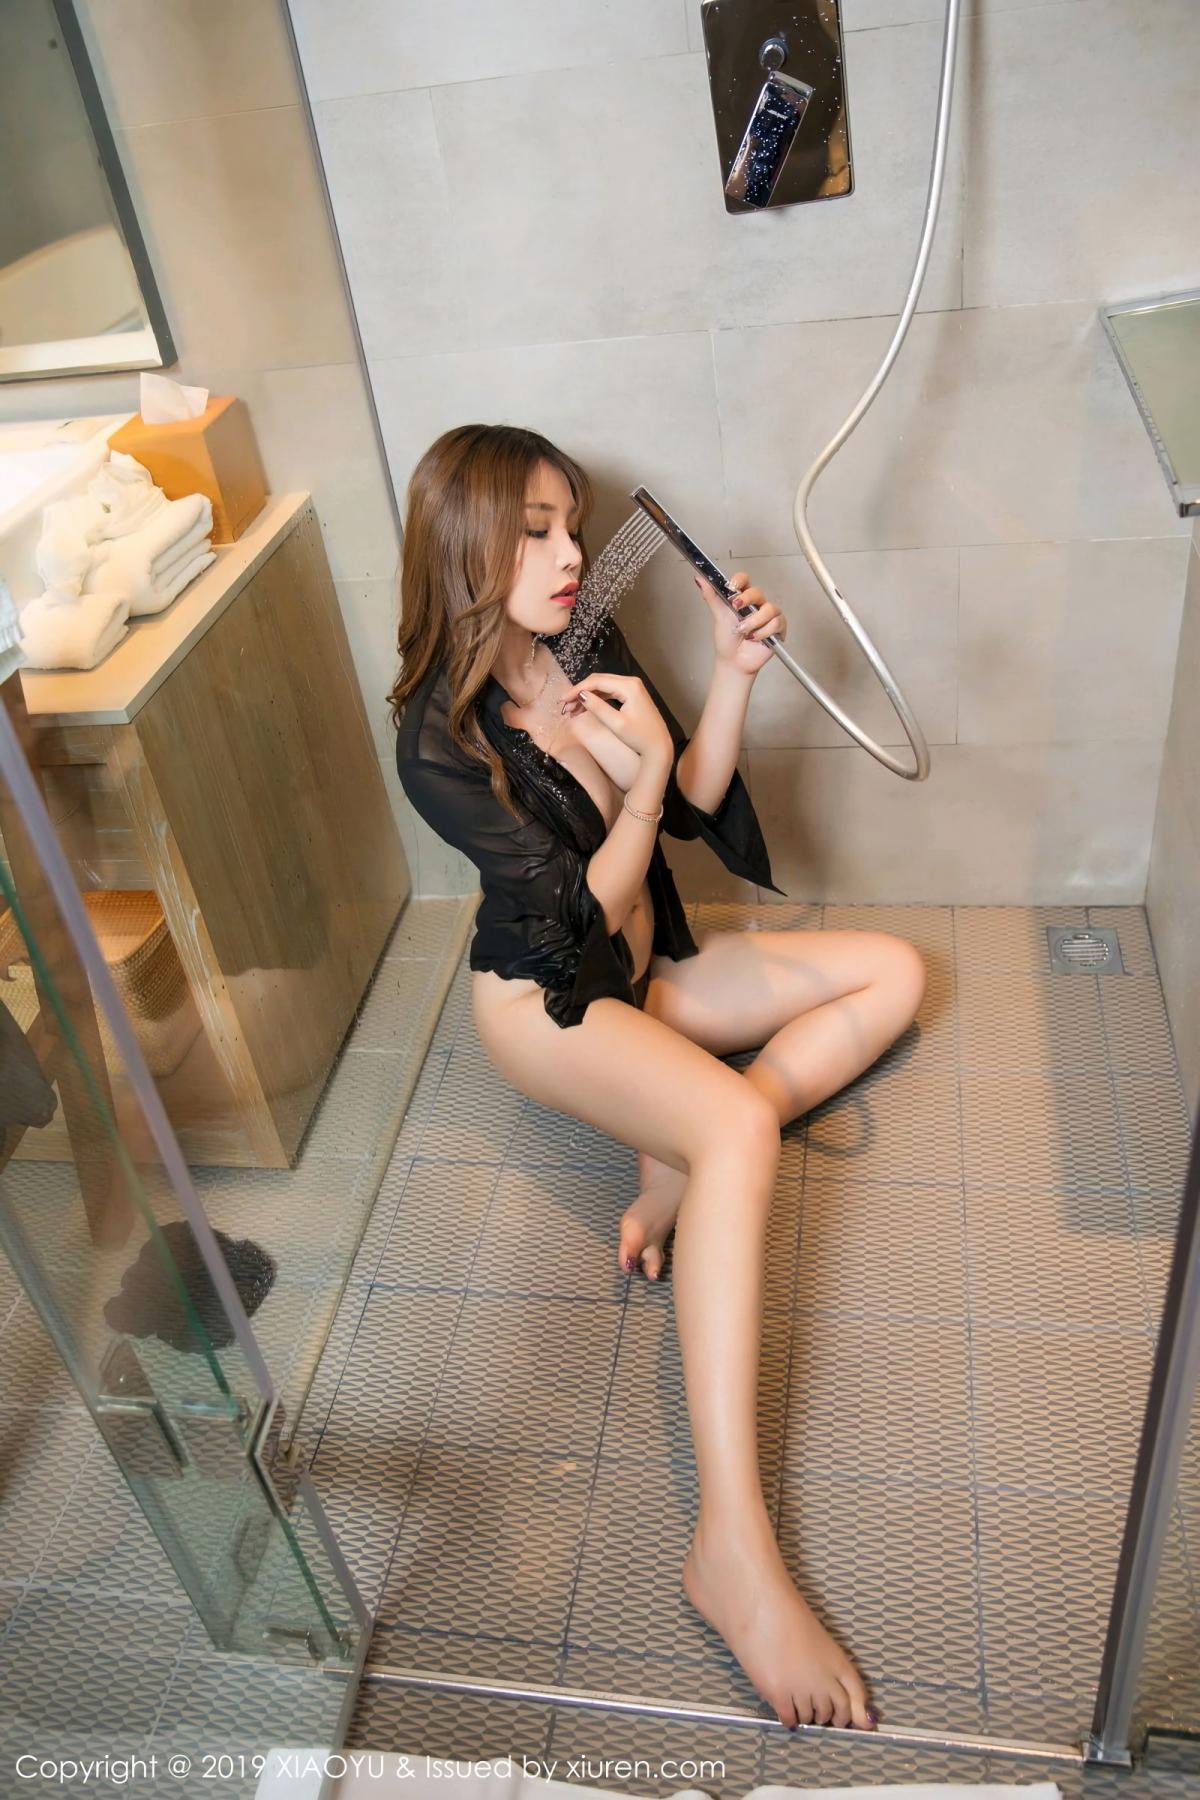 [XiaoYu] Vol.105 Chen Zhi 35P, Bathroom, Big Booty, Chen Zhi, Wet, XiaoYu